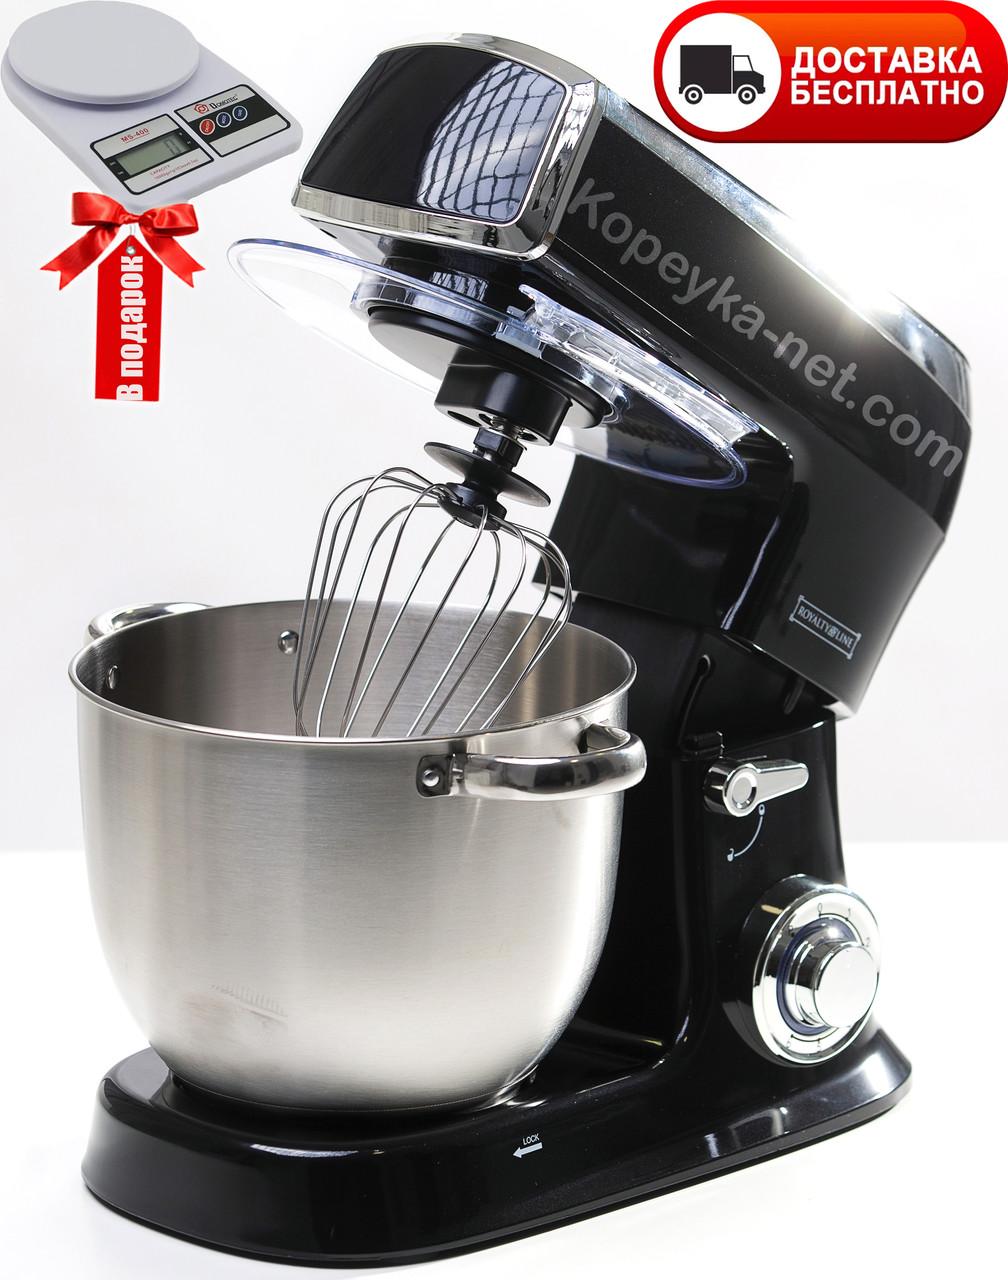 Кухонний комбайн тістоміс Royalty Line RL-PKM - 2100.7 Black 2100 ВТ + ваги в подарунок